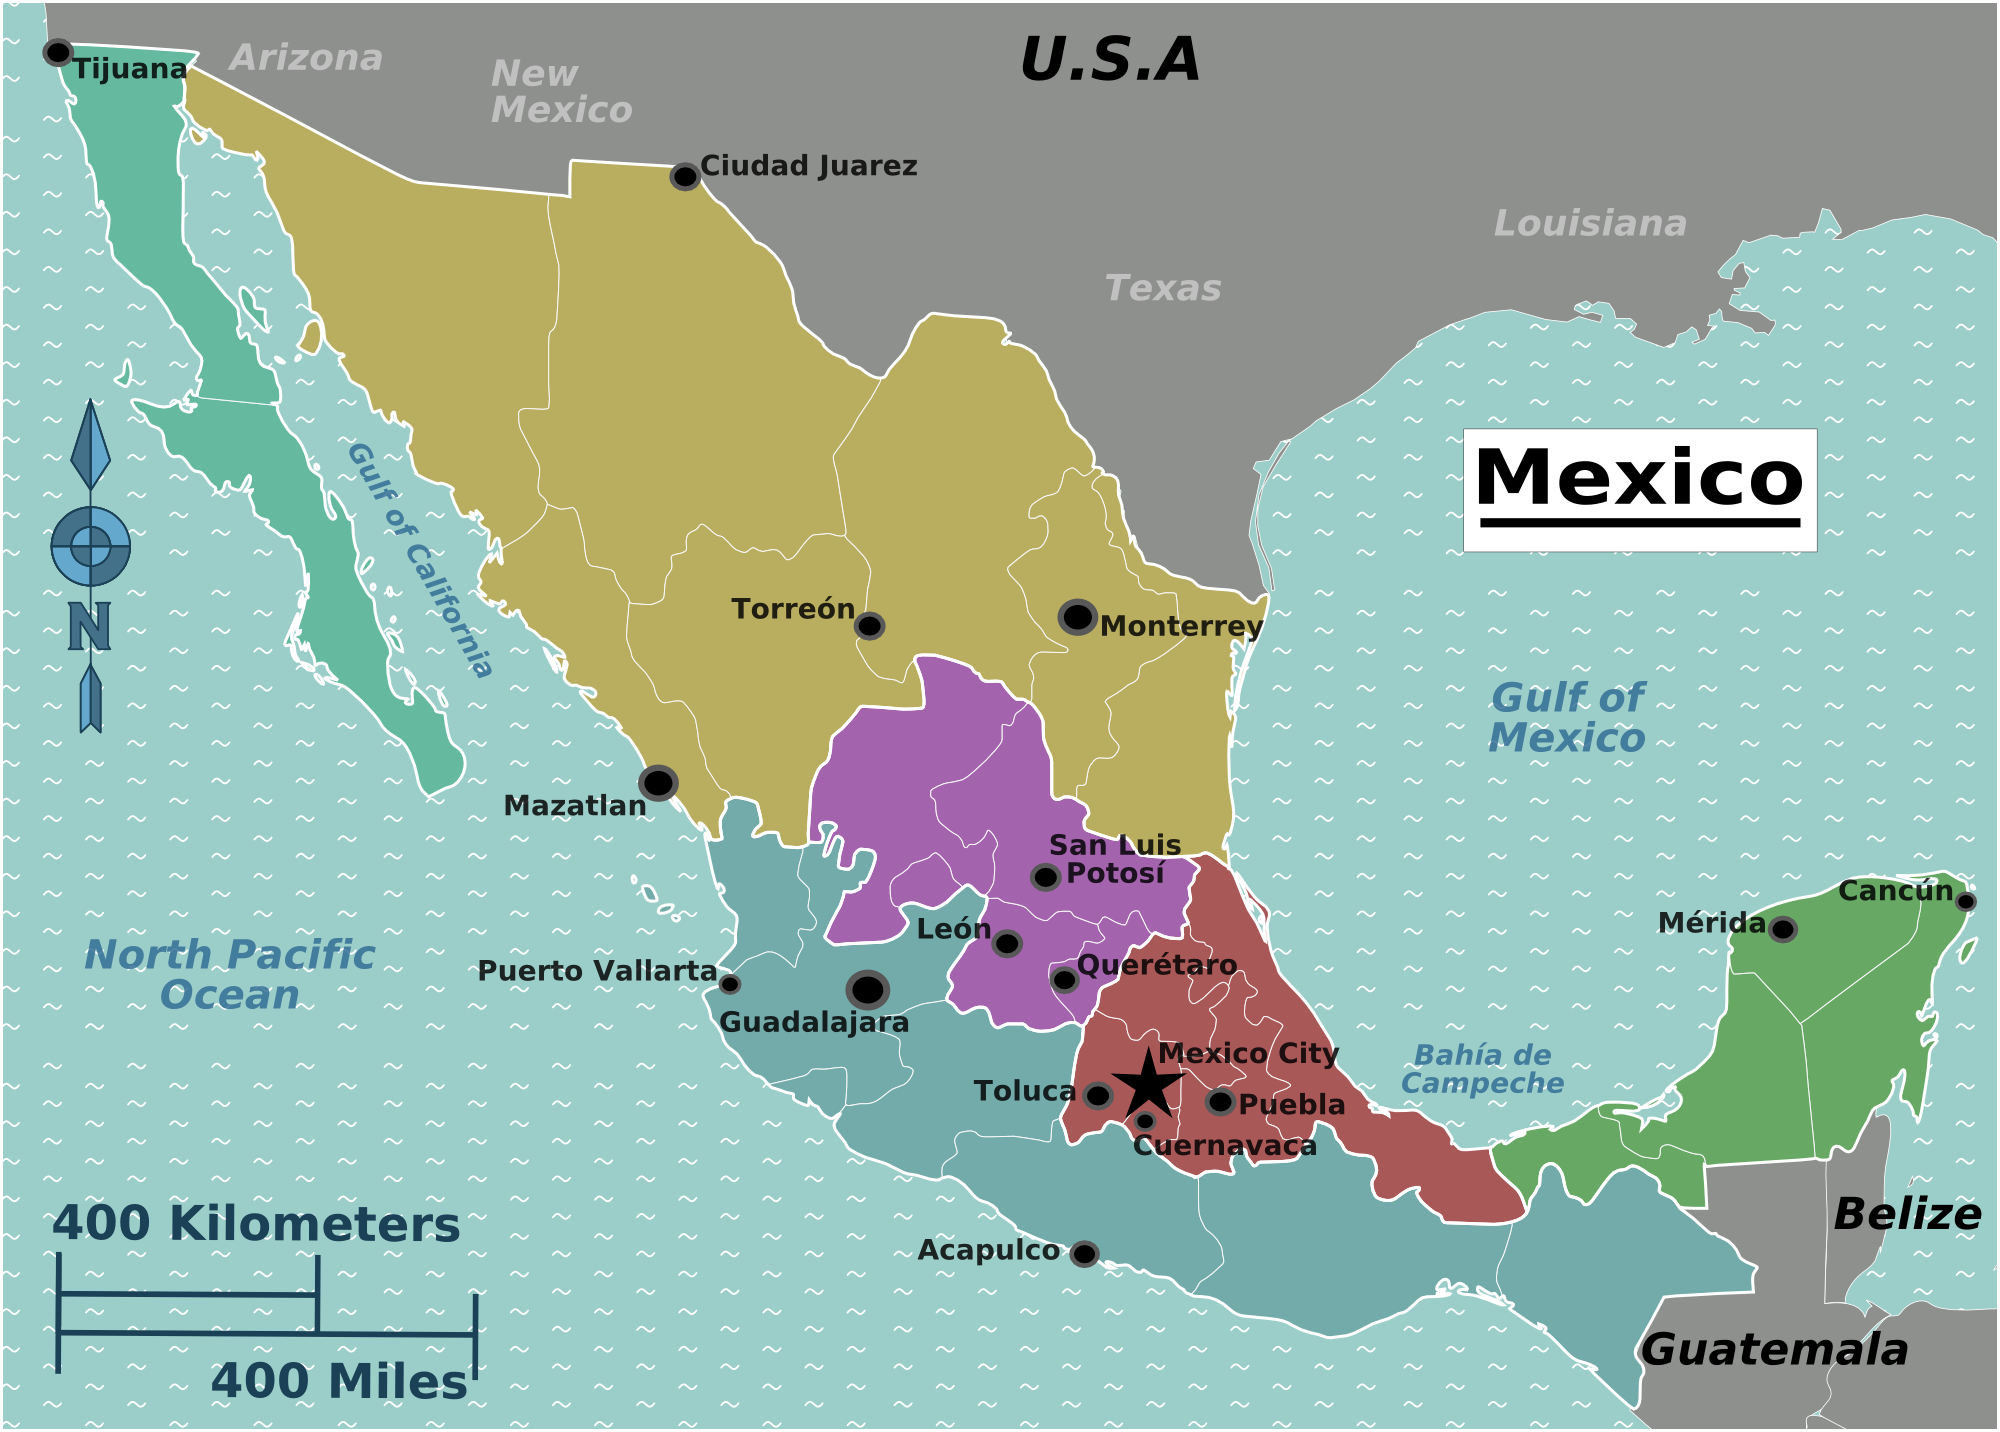 Mexiko Karte Welt.Landkarte Mexiko Uberischtskarte Weltkarte Com Karten